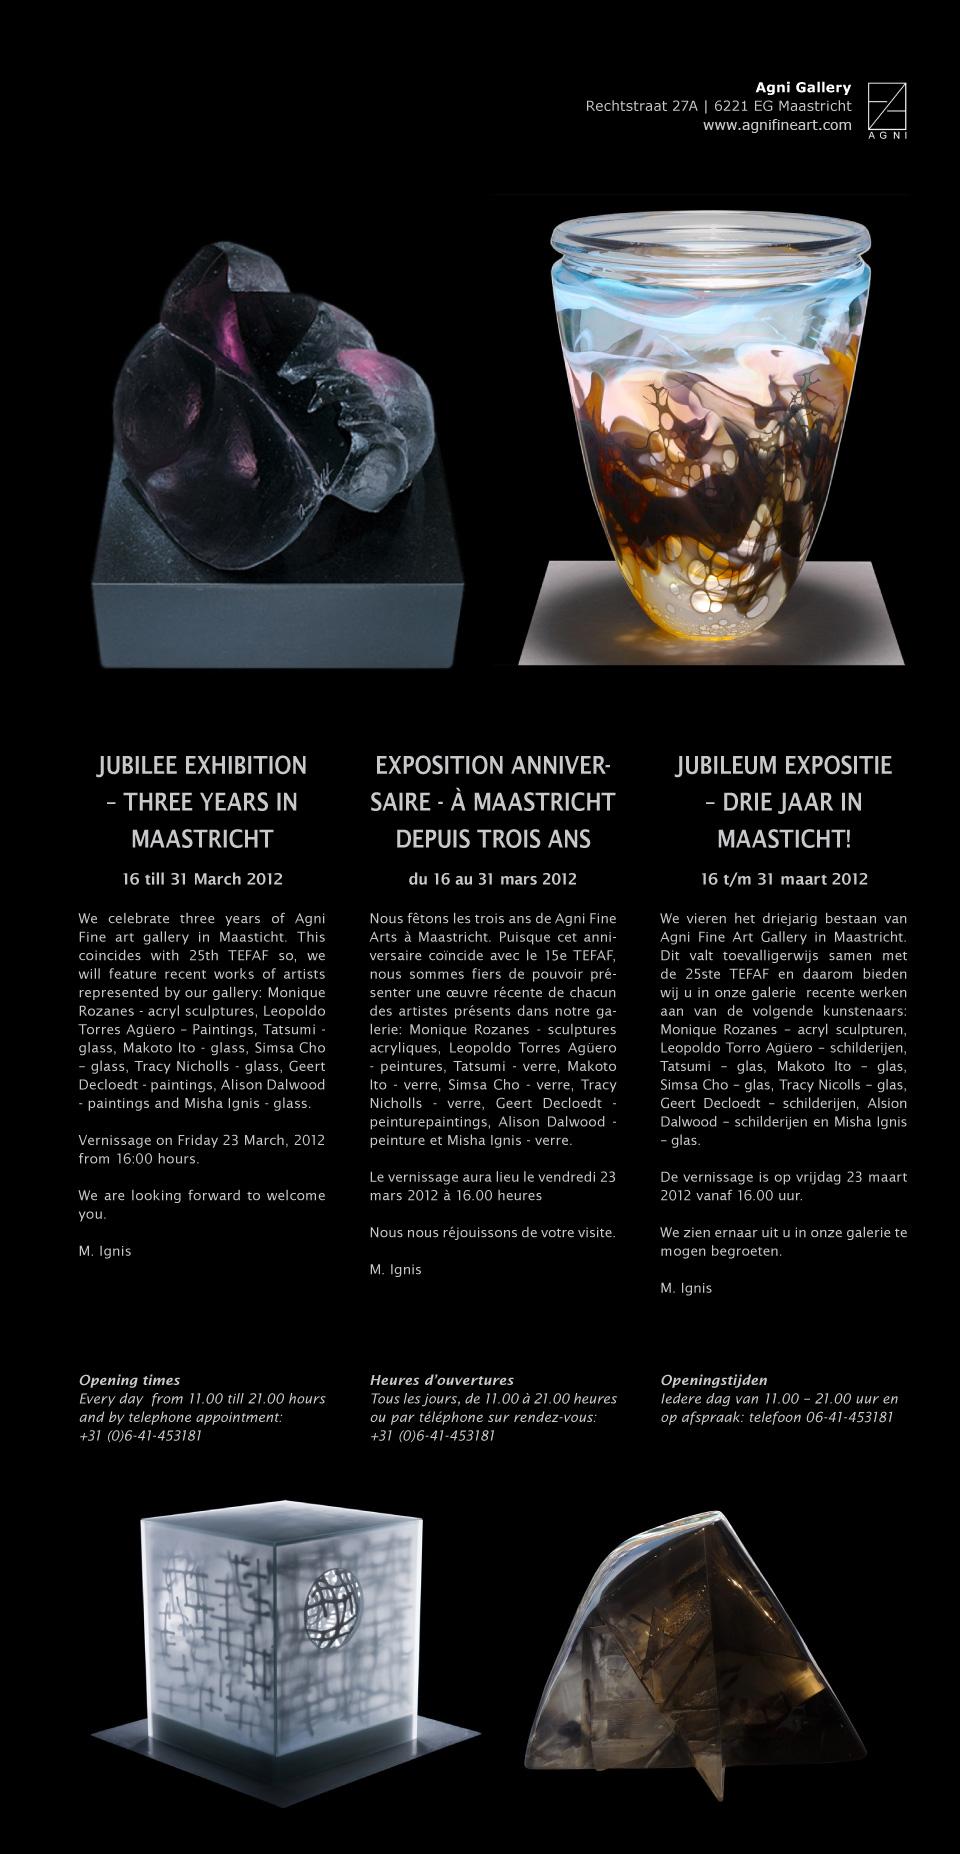 Jubileum expositie: Drie jaar in Maastricht!